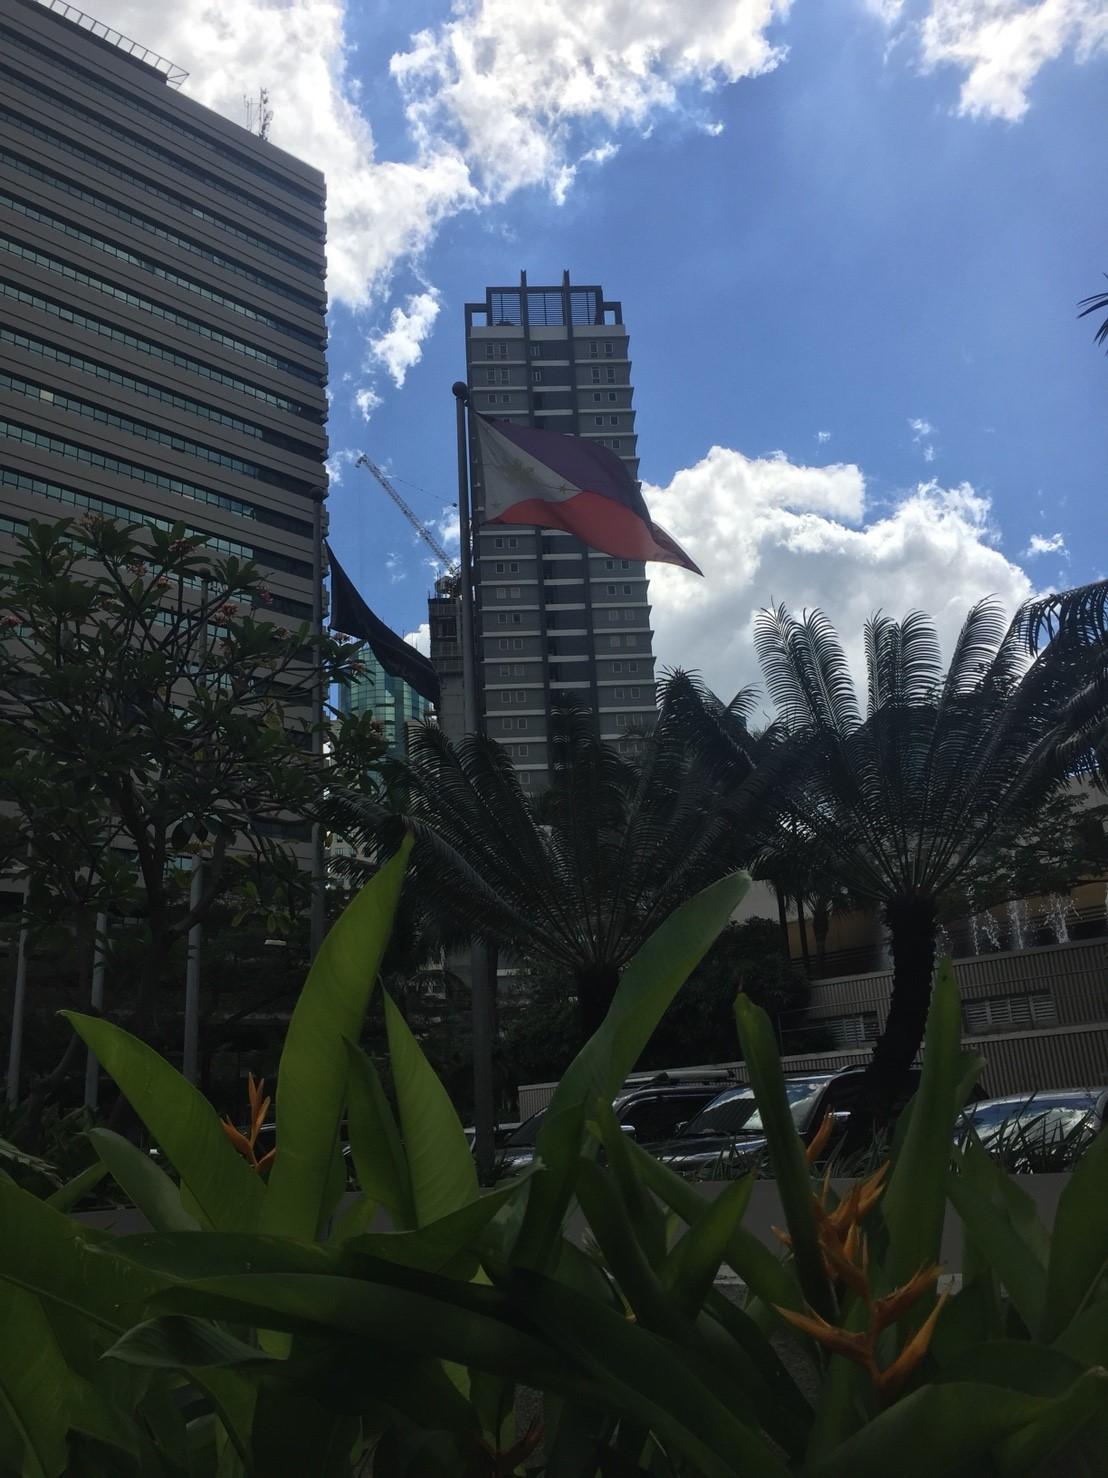 フィリピンにおける税務調査についてサムネイル